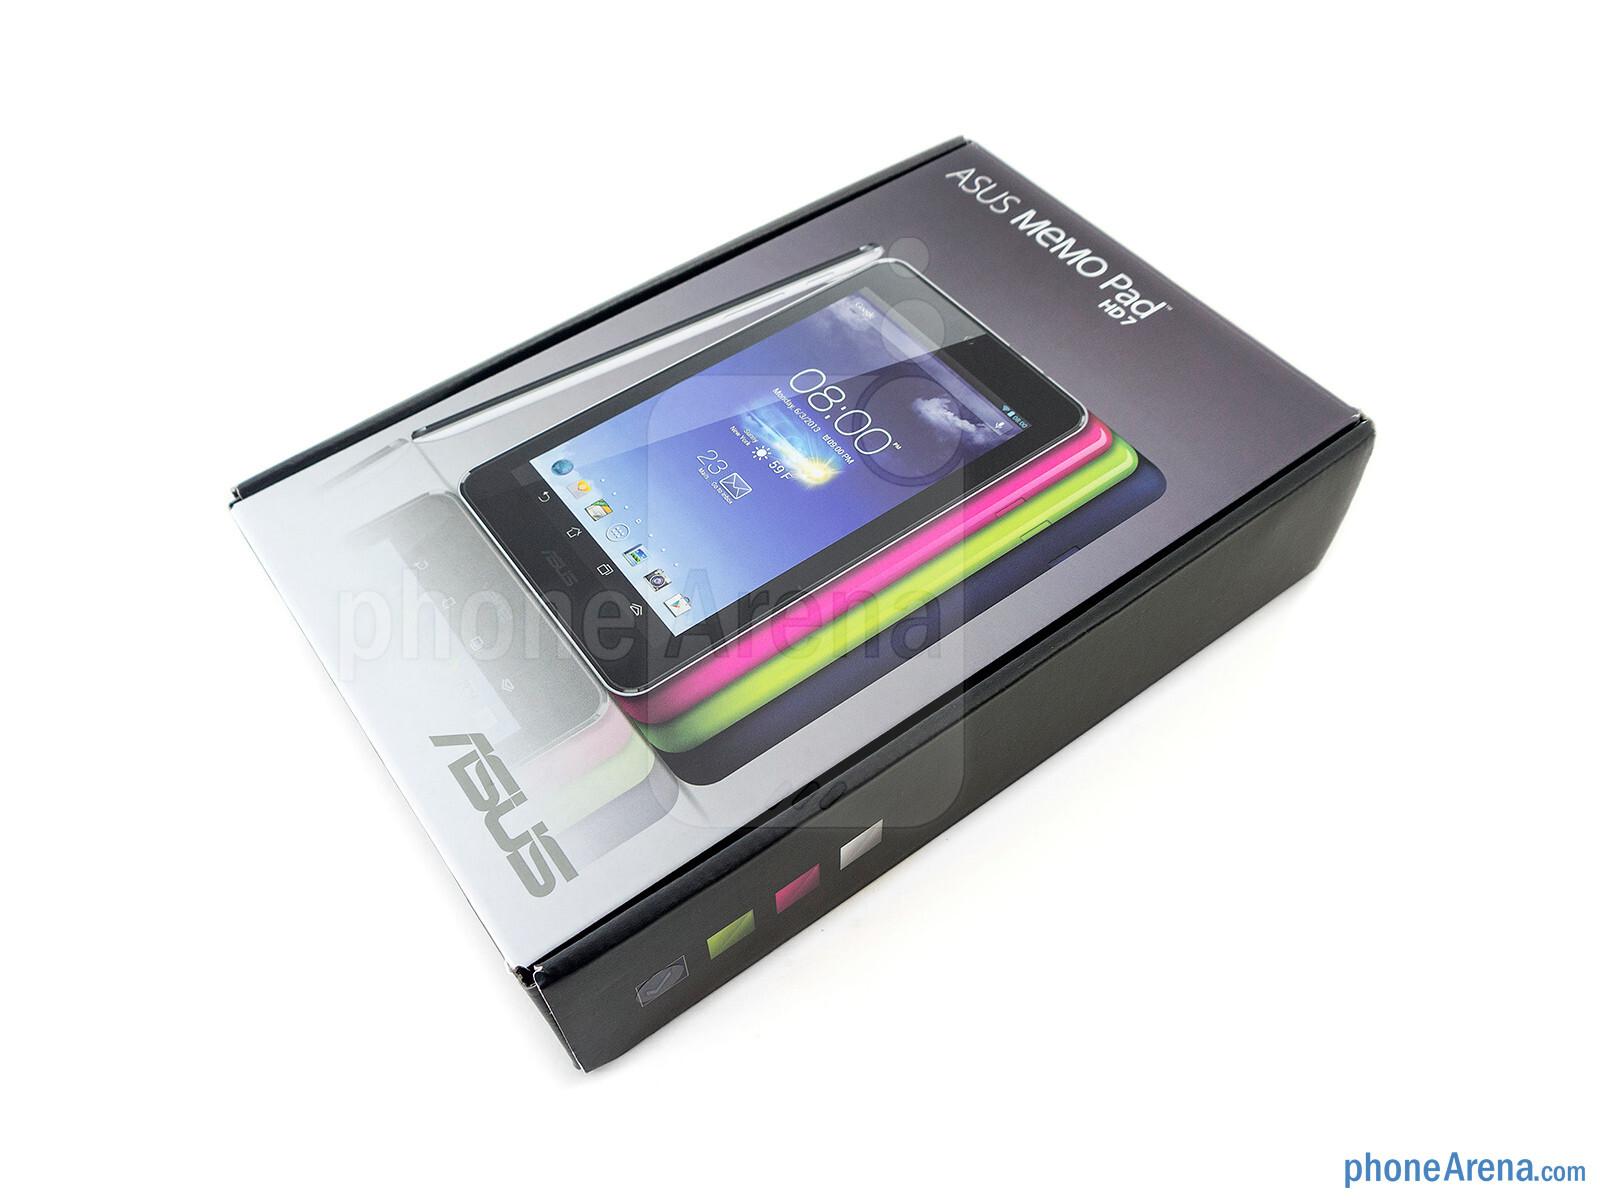 Asus MeMo Pad HD 7 Review